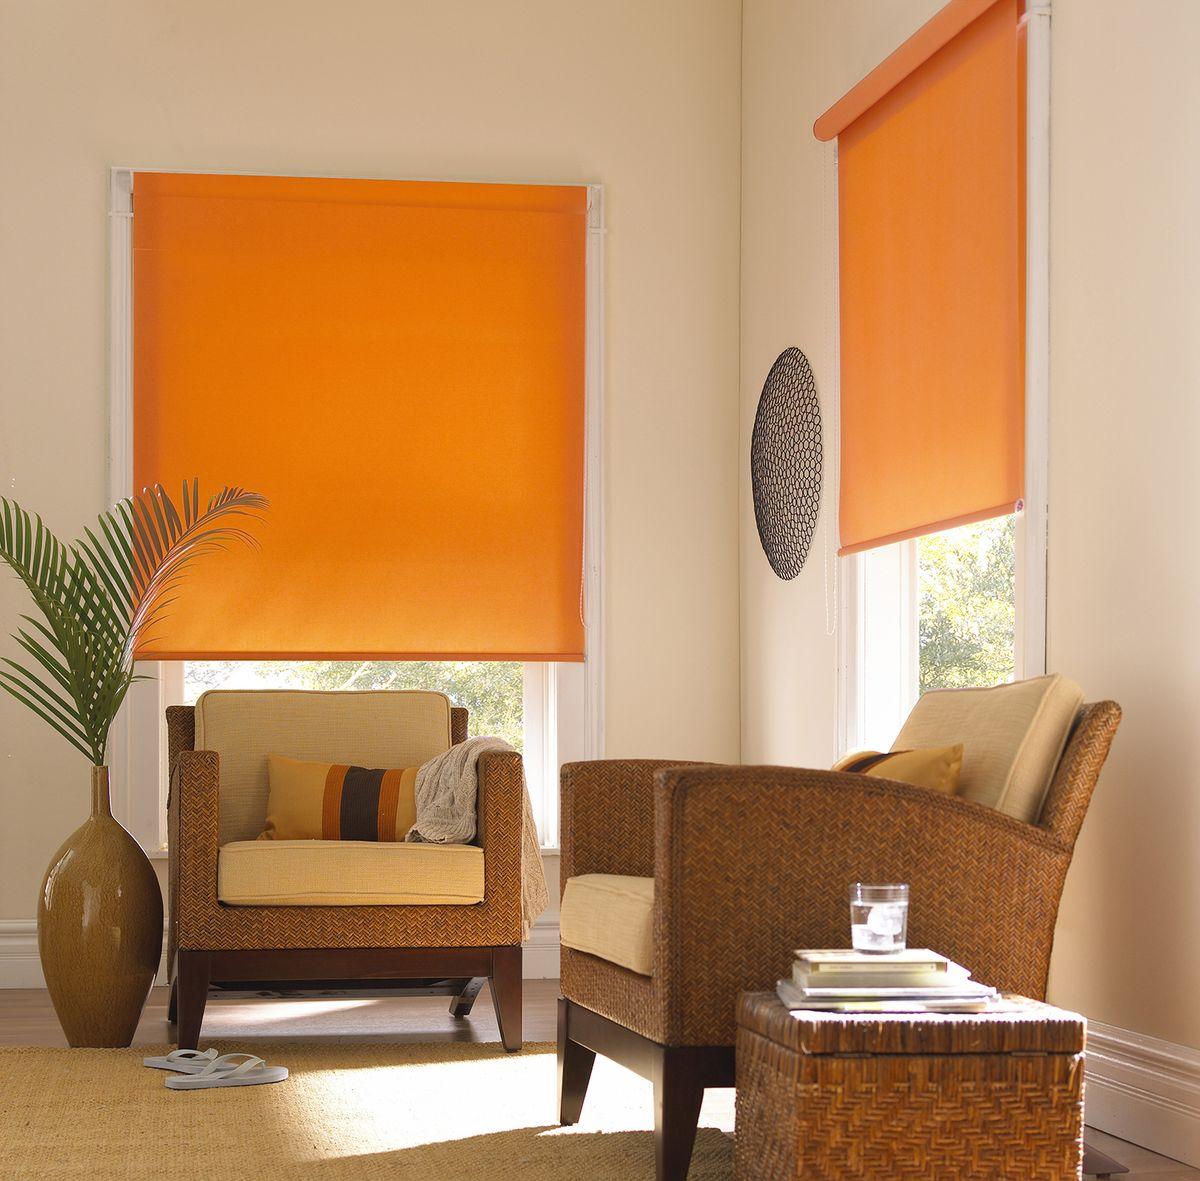 Штора рулонная Эскар Миниролло, цвет: апельсин, ширина 48 см, высота 170 см10503Рулонная штора Эскар Миниролло выполнена из высокопрочной ткани, которая сохраняет свой размер даже при намокании. Ткань не выцветает и обладает отличной цветоустойчивостью.Миниролло - это подвид рулонных штор, который закрывает не весь оконный проем, а непосредственно само стекло. Такие шторы крепятся на раму без сверления при помощи зажимов или клейкой двухсторонней ленты (в комплекте). Окно остается на гарантии, благодаря монтажу без сверления. Такая штора станет прекрасным элементом декора окна и гармонично впишется в интерьер любого помещения.